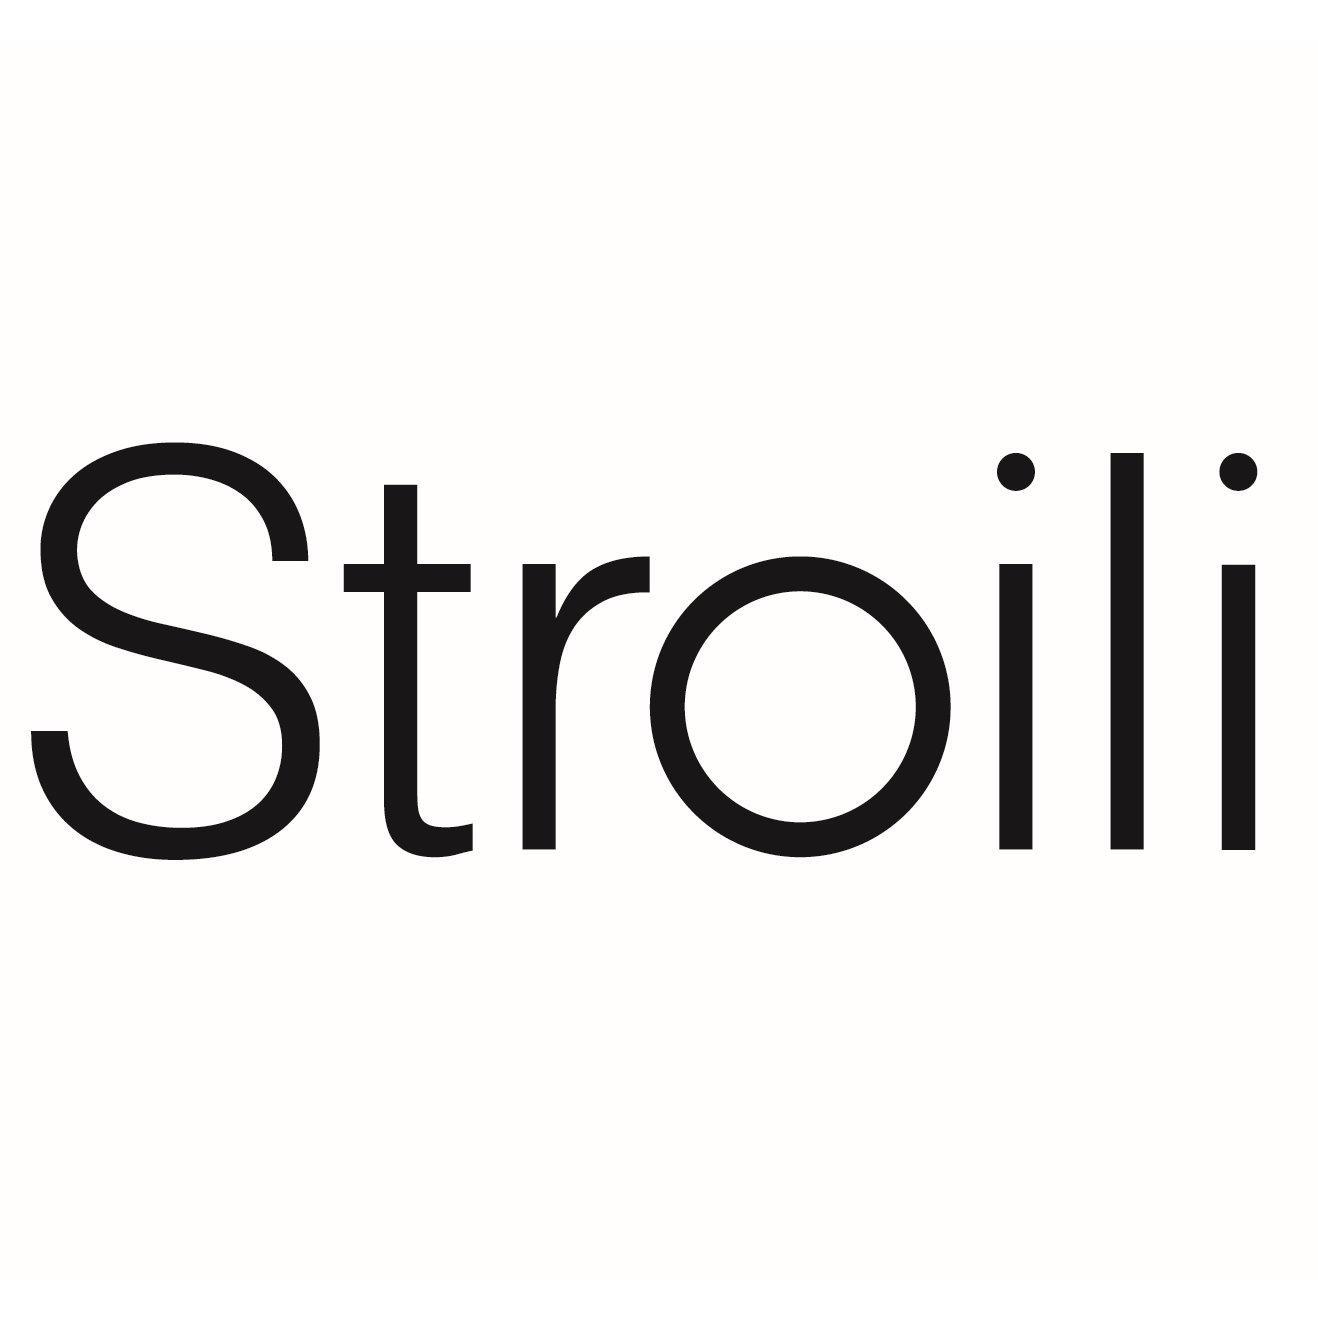 Gioielleria Stroili - Gioiellerie e oreficerie - vendita al dettaglio Alessandria